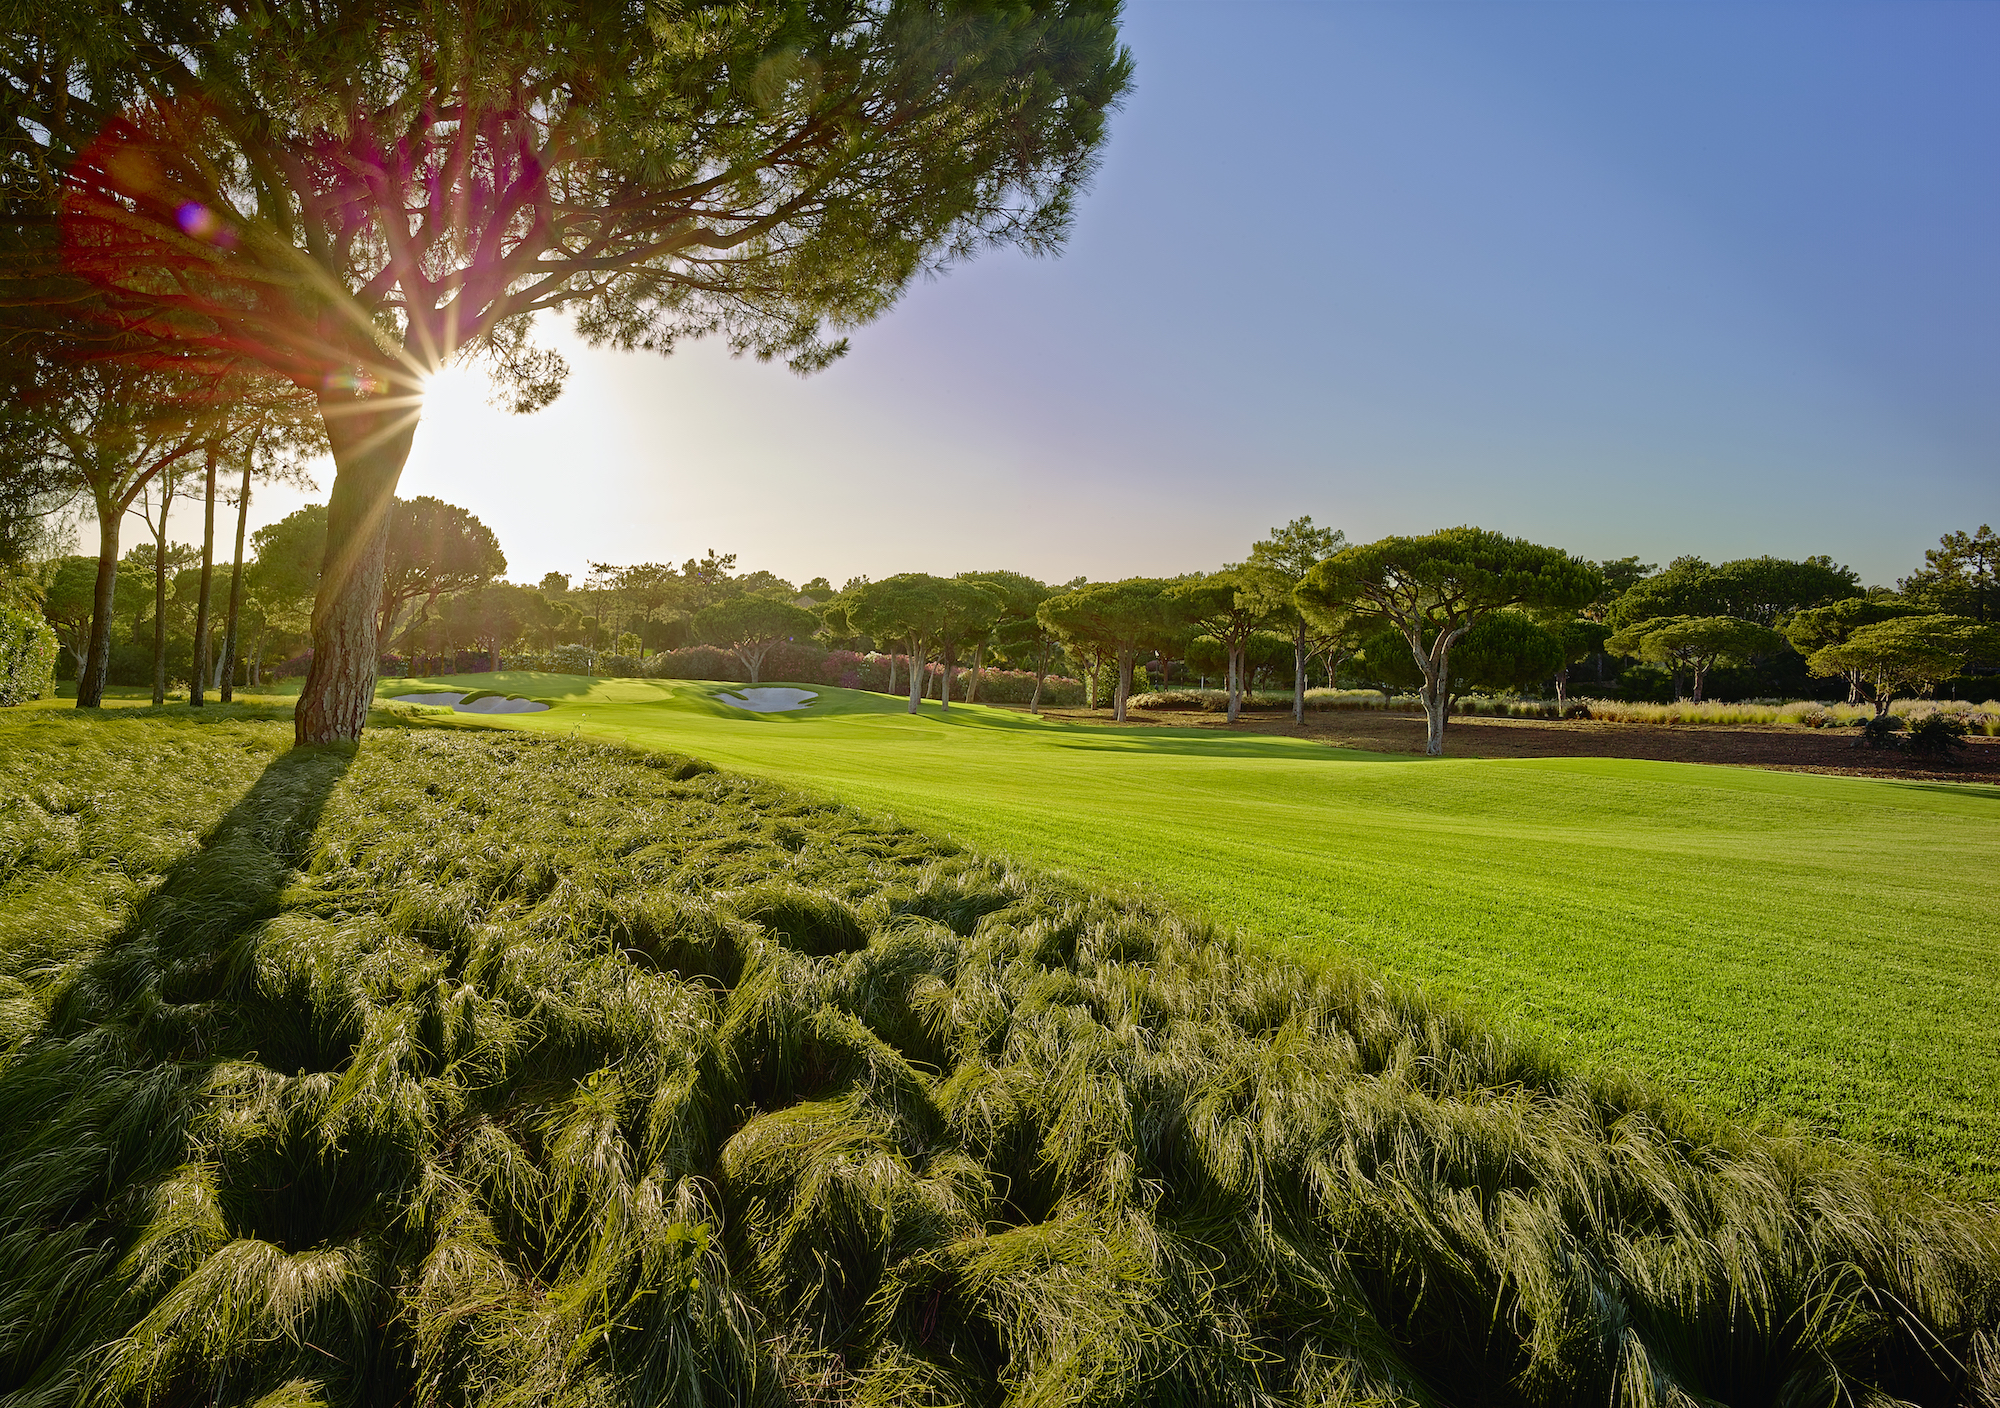 Hosting golf course for the event: Golden Tournament - Quinto do Lago